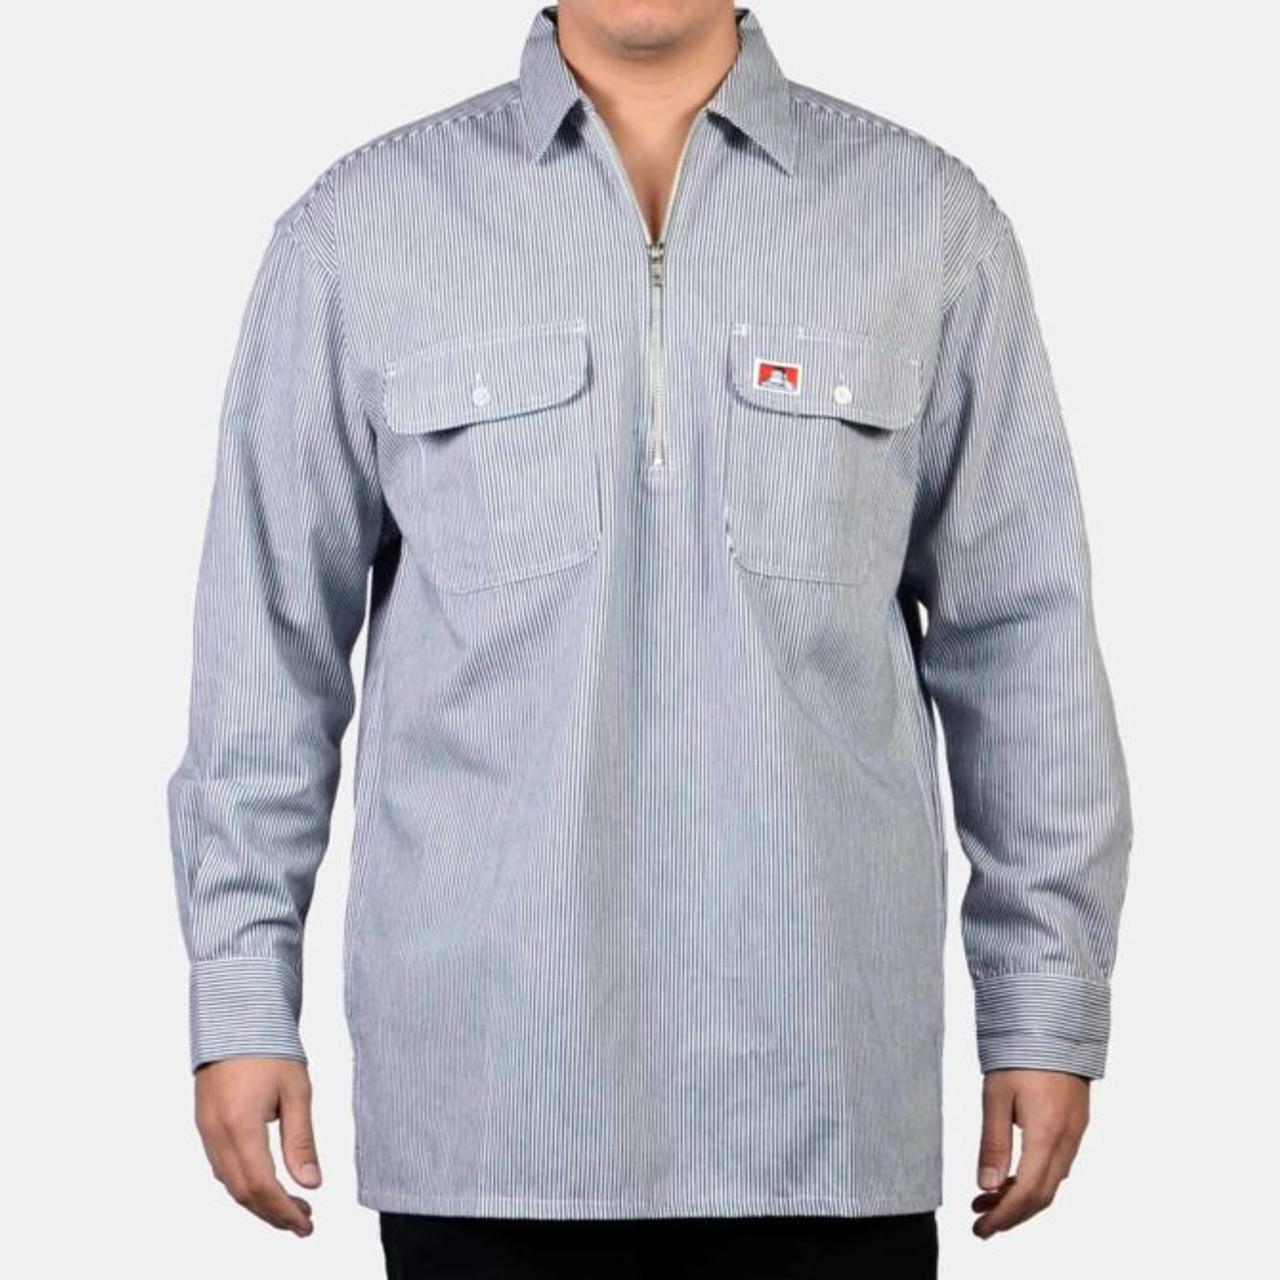 Ben Davis® 100% Cotton Long Sleeve Striped Button-Up